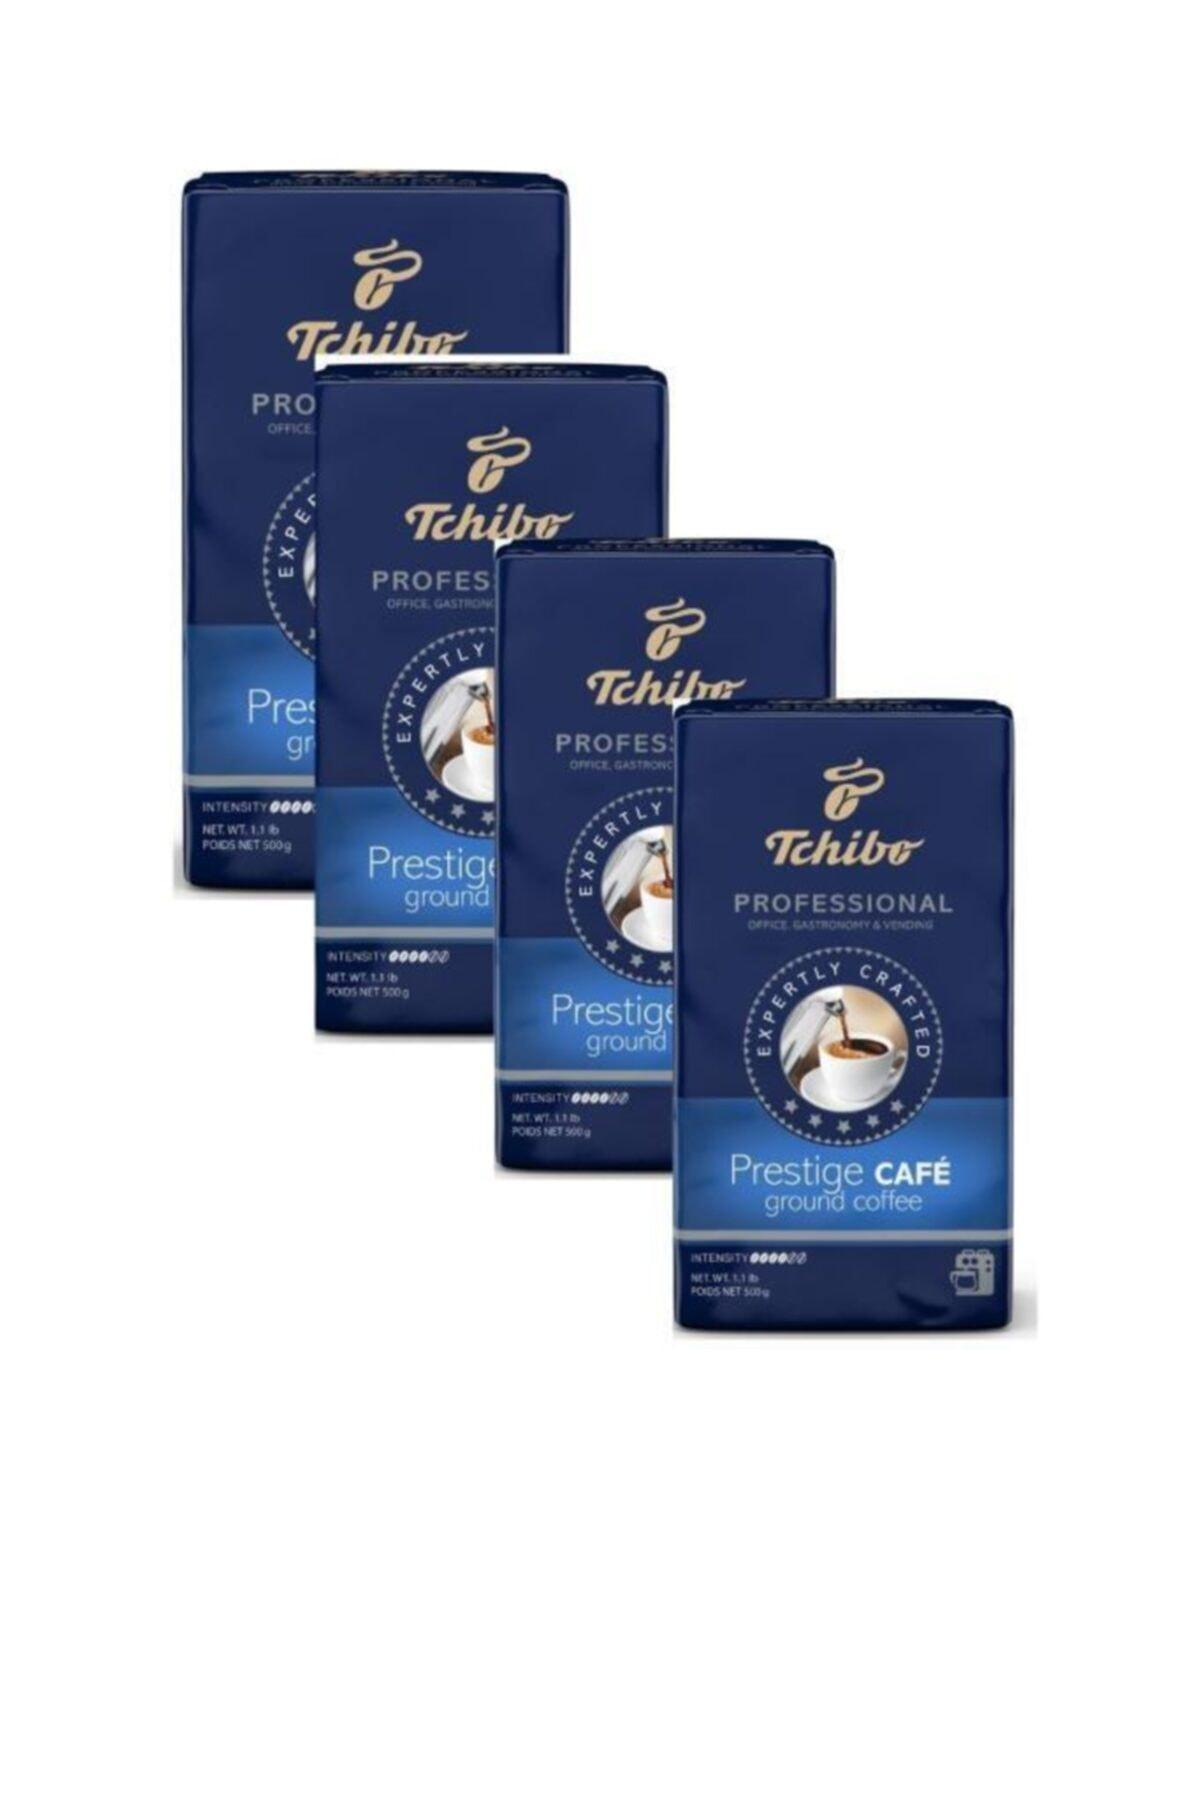 Tchibo Professional Prestige Cafe Filtre Kahve 500gr. X 4 1